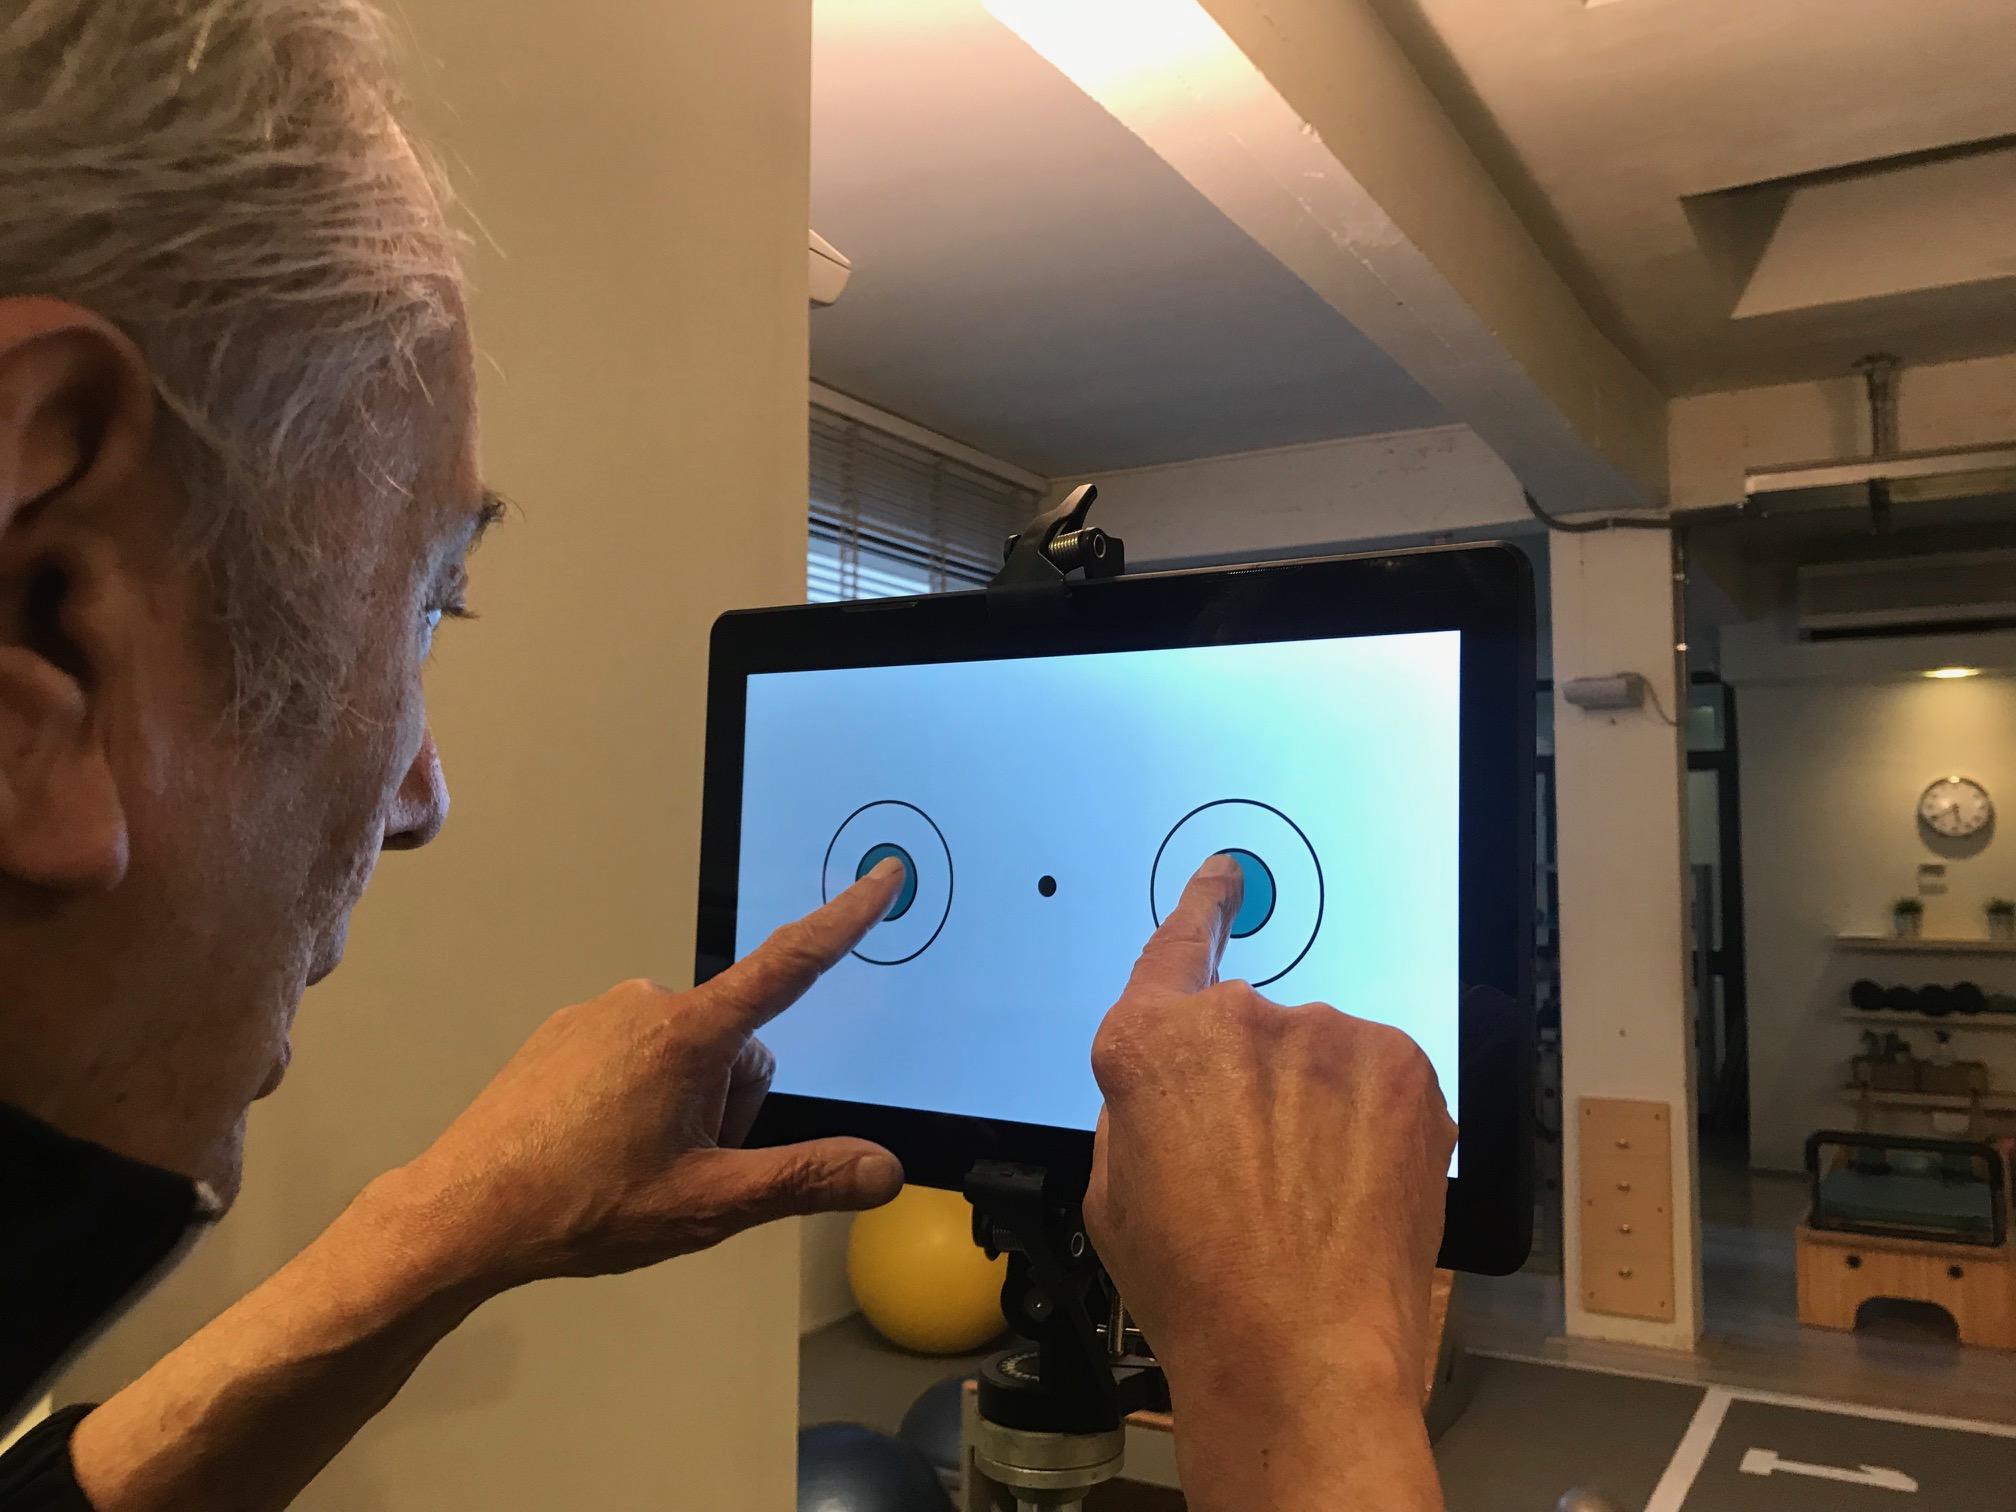 Miglioramento dopo 3 mesi di boxe per il Parkinson: i test lo confermano - Un Gancio Al Parkinson